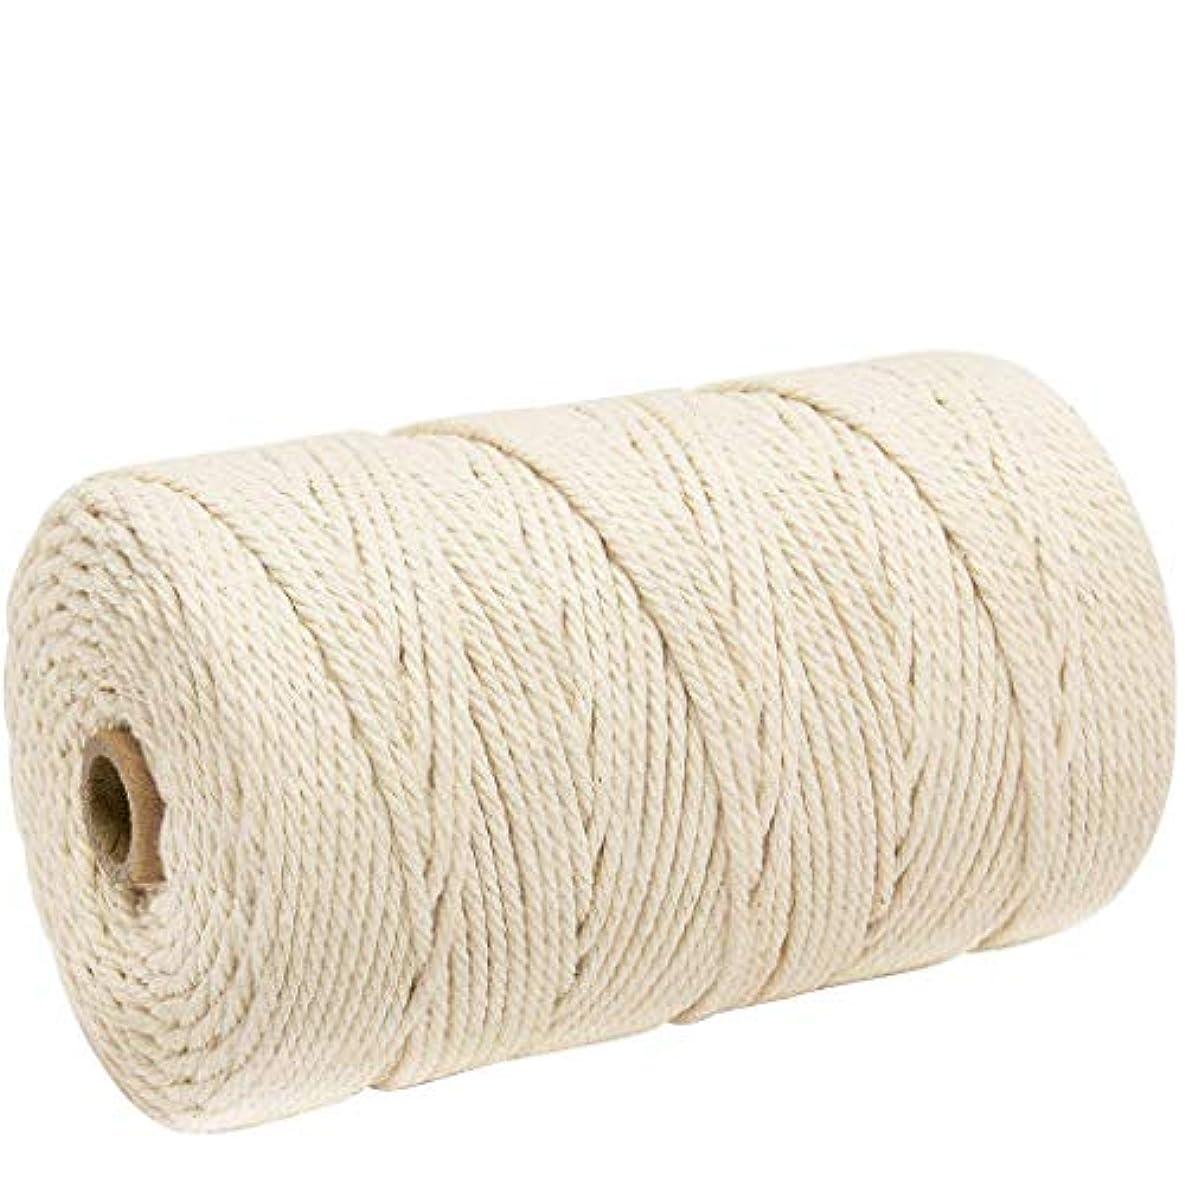 説明する例外堀ナチュラルコットン マクラメ ロープ 紐 糸 手作り編み糸 綿 DIY壁掛けハンガークラフト編みコードロープ 3㎜ 200m (ライスホワイト)